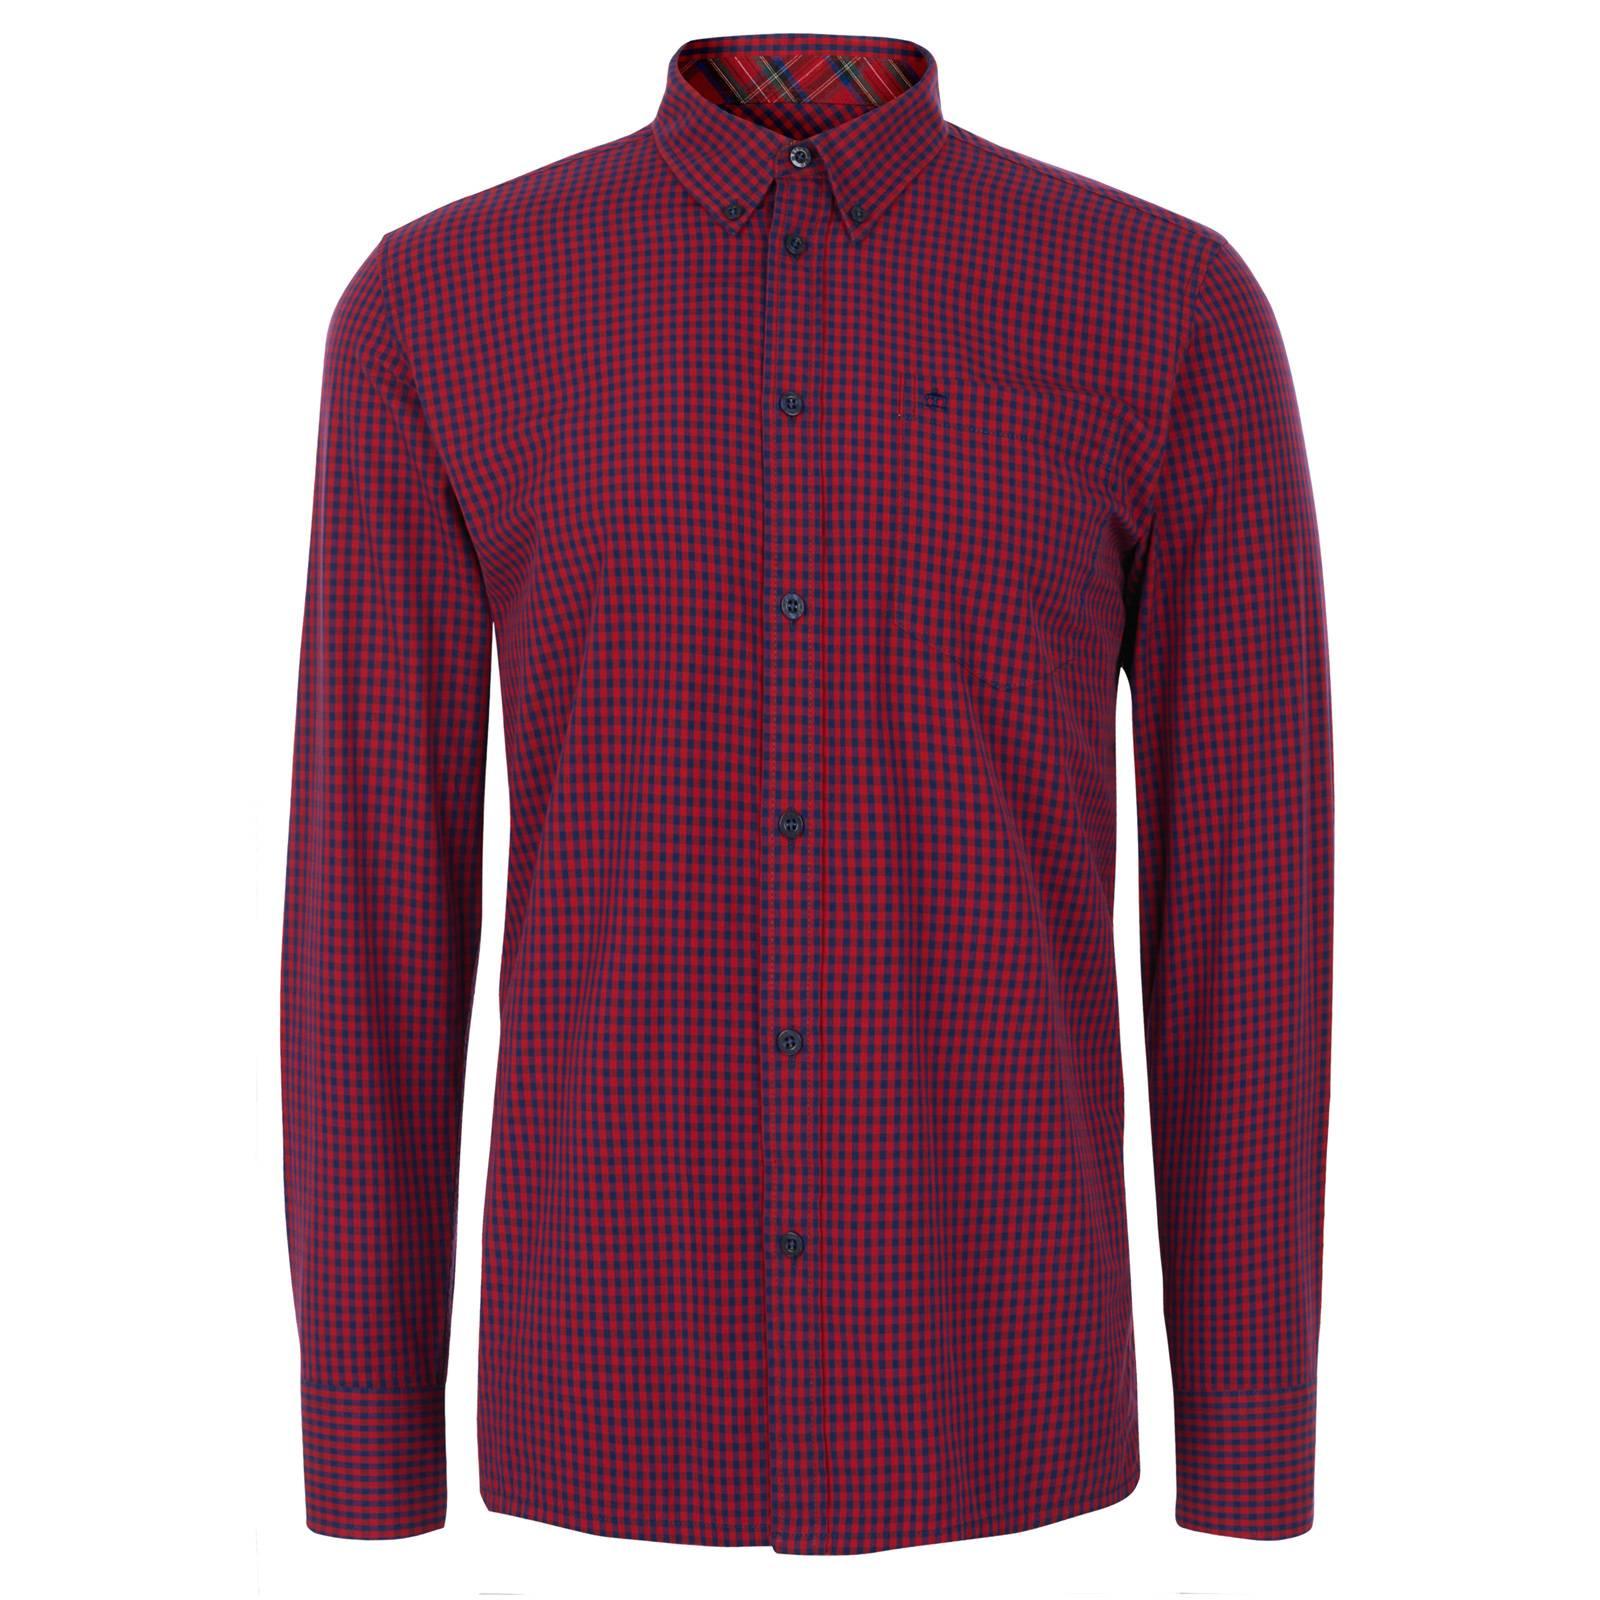 Рубашка JapsterКлассические<br>Эта классическая приталенная рубашка, принадлежащая к базовой всесезонной линии Core, производится почти в неизменном виде на протяжении десятилетий, символизируя верность бренда своему полувековому наследию и исконному британскому casual стилю. Традиционная мелкая двухцветная английская клетка gingham прекрасно сочетается почти с любым трикотажем. Визитная карточка рубашек Merc — воротник button-down на пуговицах — делает ее идеальной парой к V-neck джемперу, жилету и кардигану на пуговицах с глубоким вырезом горловины. Прямой низ позволяет с комфортом заправлять эту рубашку в брюки или джинсы, хотя ее можно носить и на выпуск, сочетая с паркой, Харрингтоном, дафлкотом и другой верхней одеждой. Произведена из высококачественной хлопковой ткани поплин — мягкой, прочной, долговечной и неприхотливой в уходе.<br><br>Артикул: 1506215<br>Материал: 100% хлопок<br>Цвет: красно-синяя клетка<br>Пол: Мужской